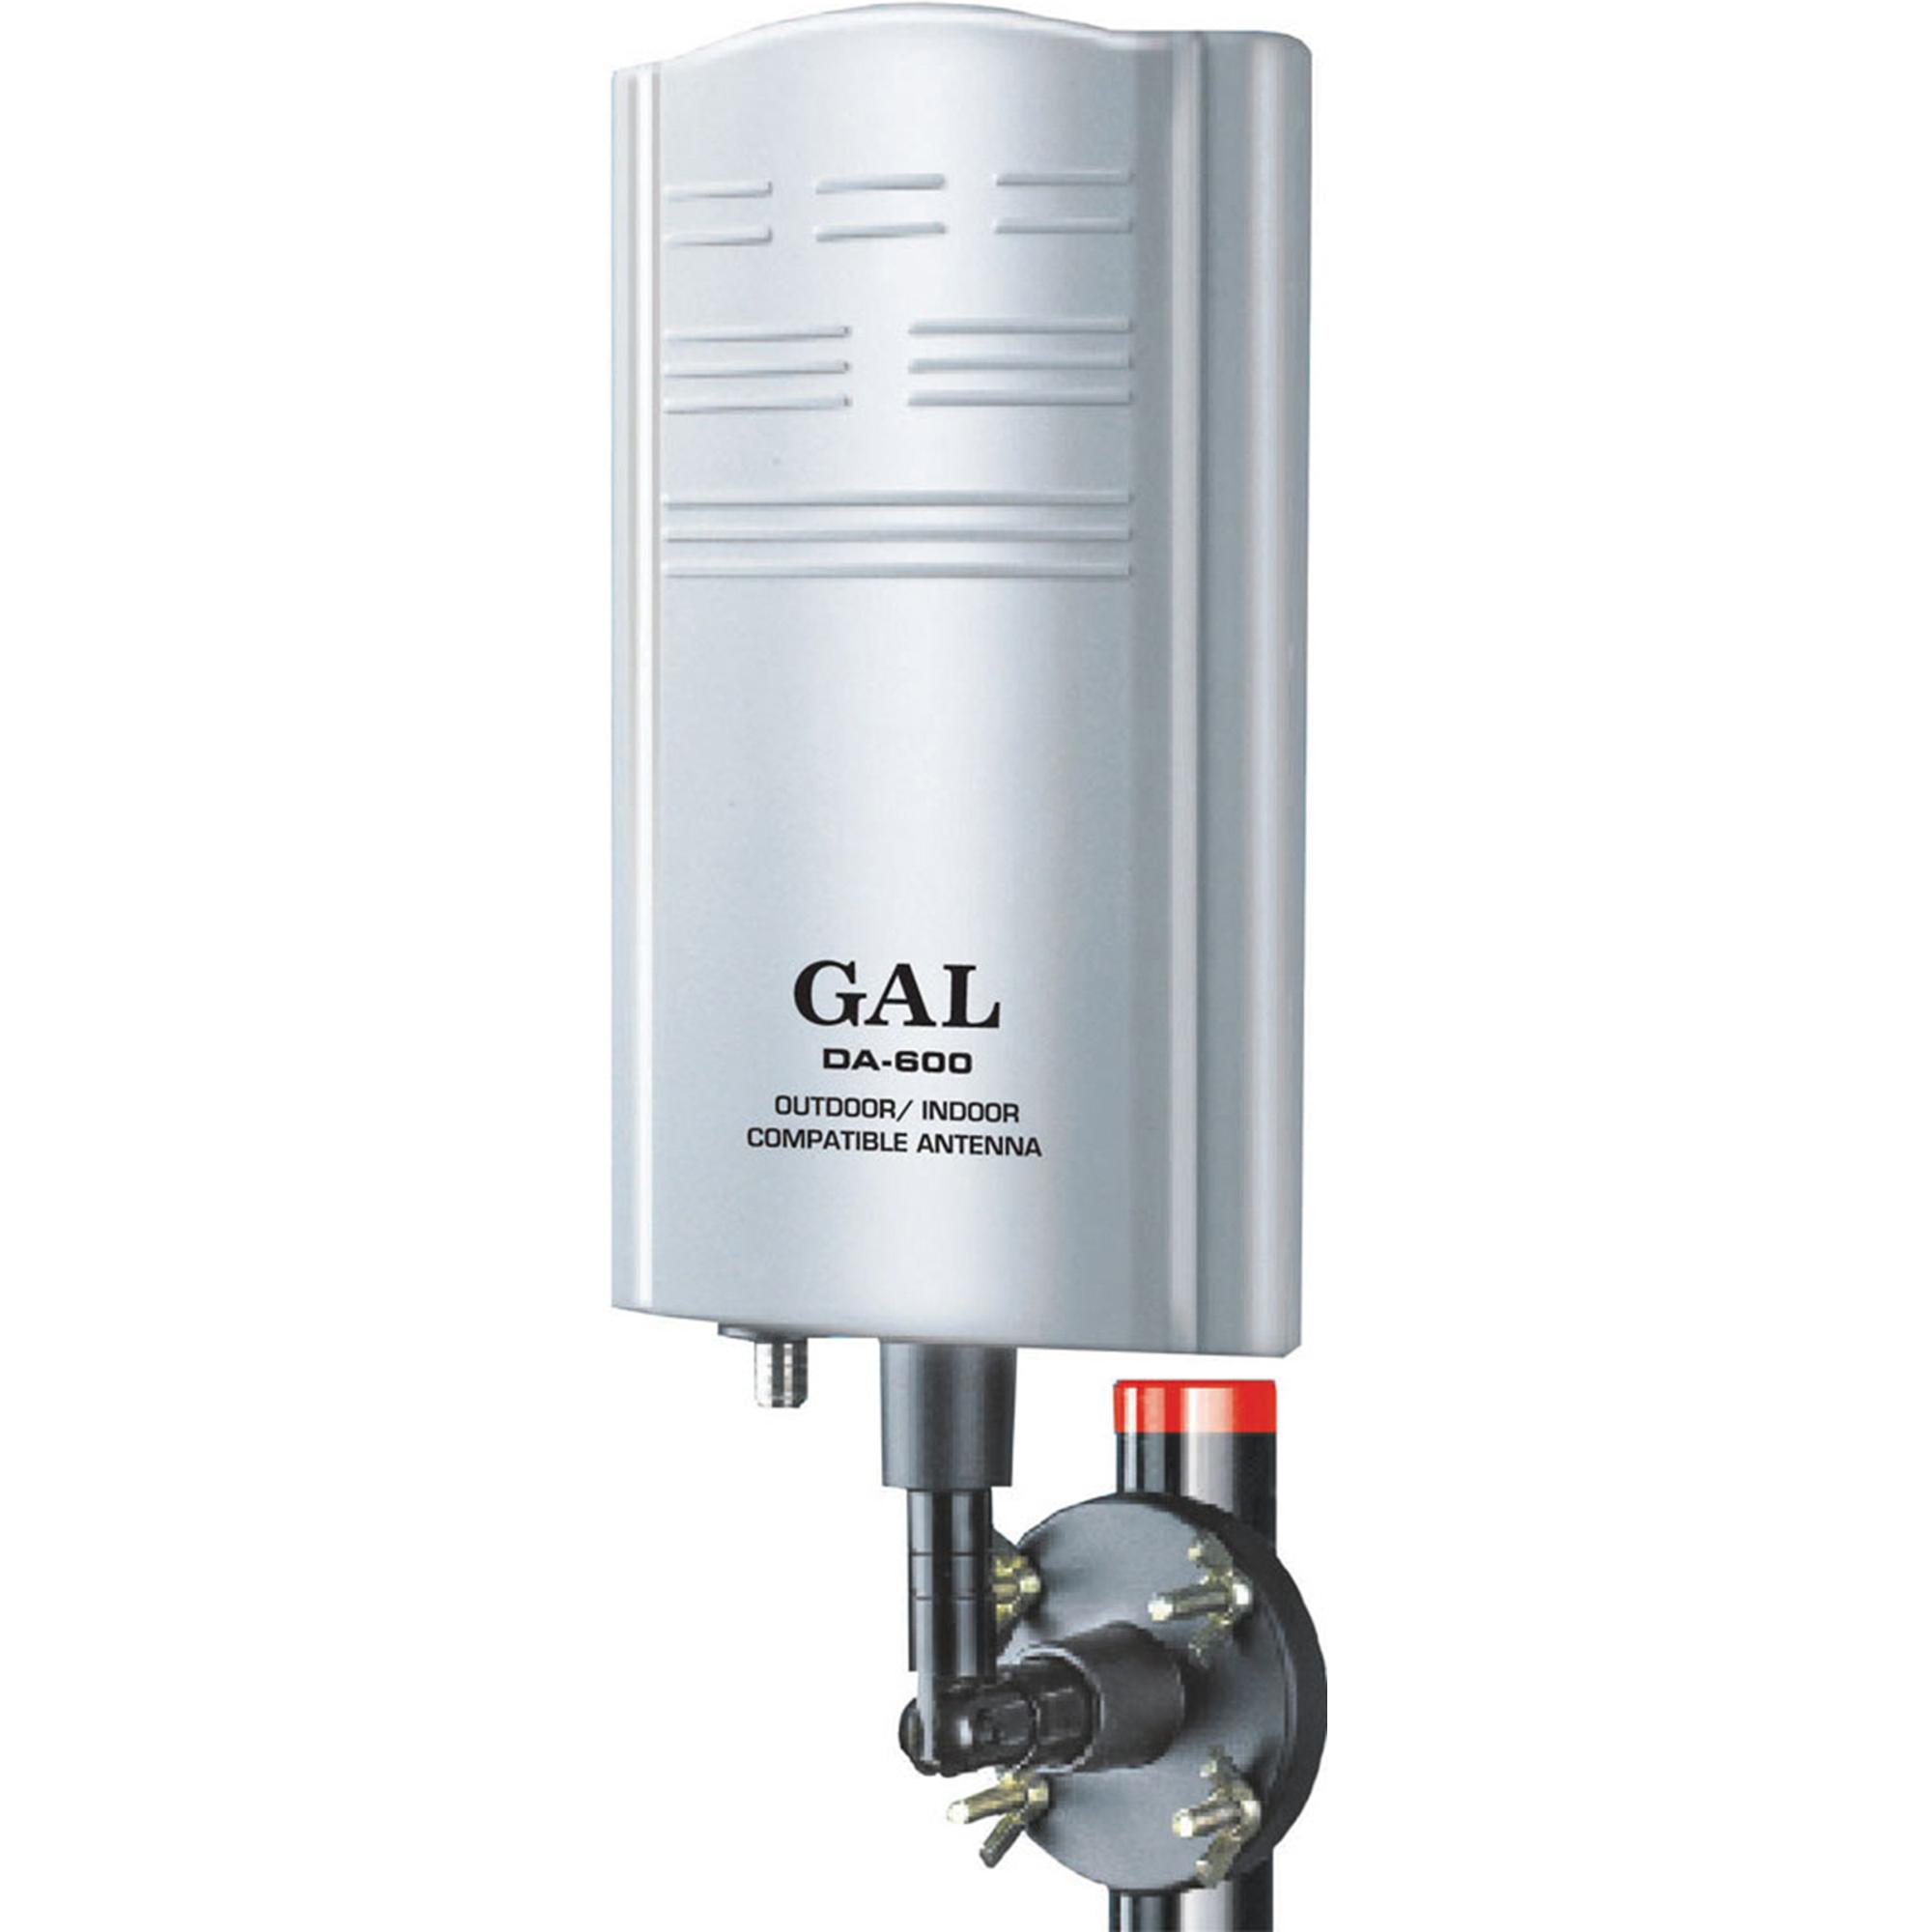 Фото - Телевизионная антенна GAL DA-600 portugal codigo da insolvencia e da recuperacao de empresas portugal